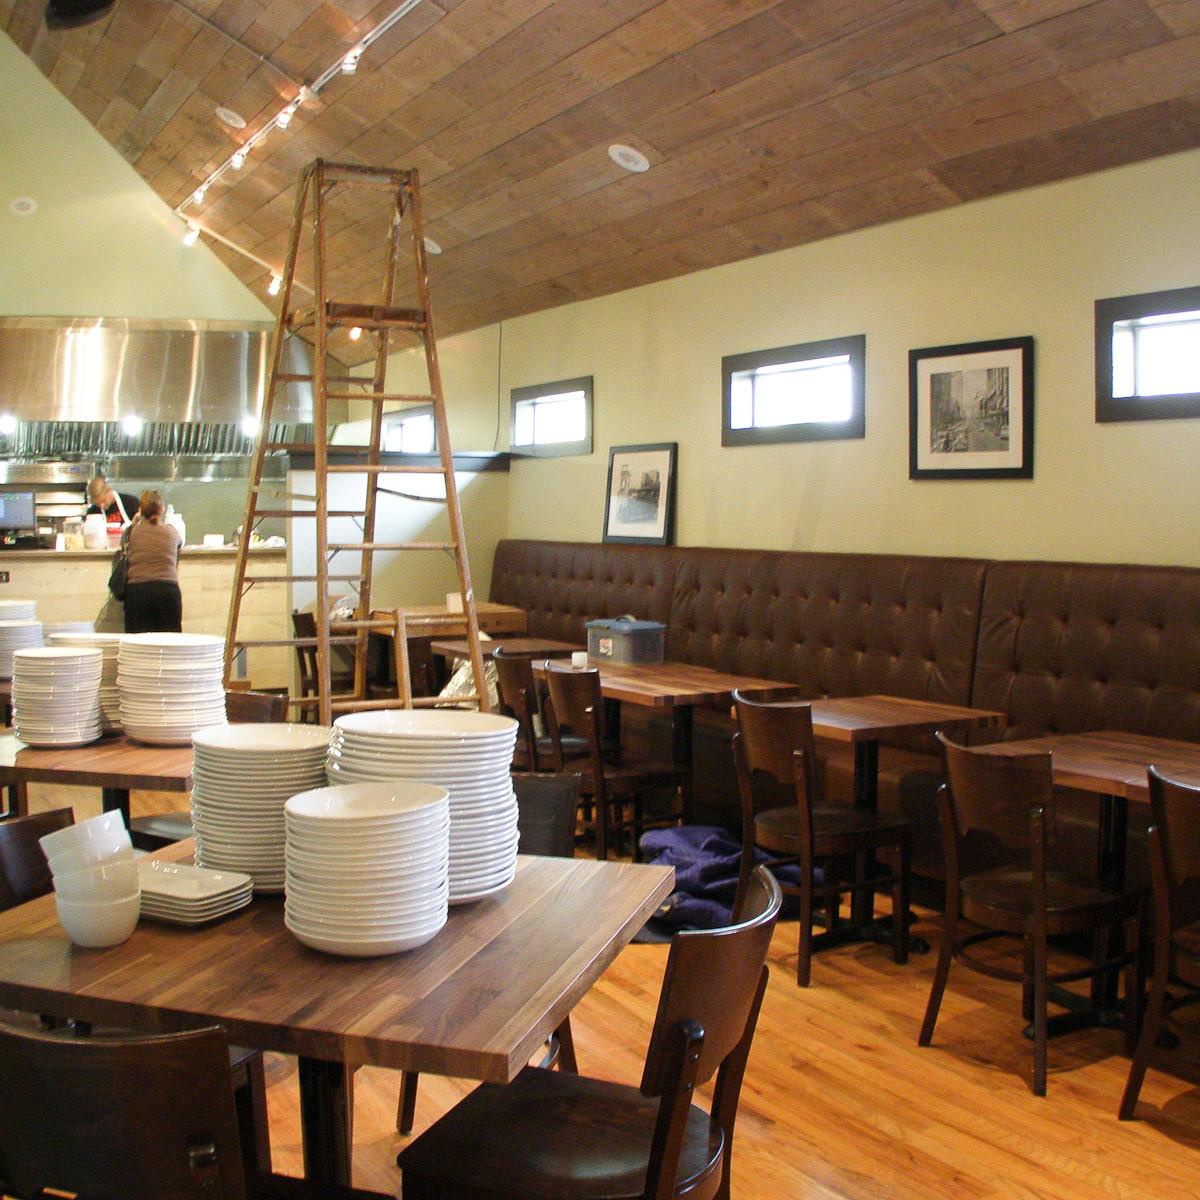 News_Bistro Zelko_dining room